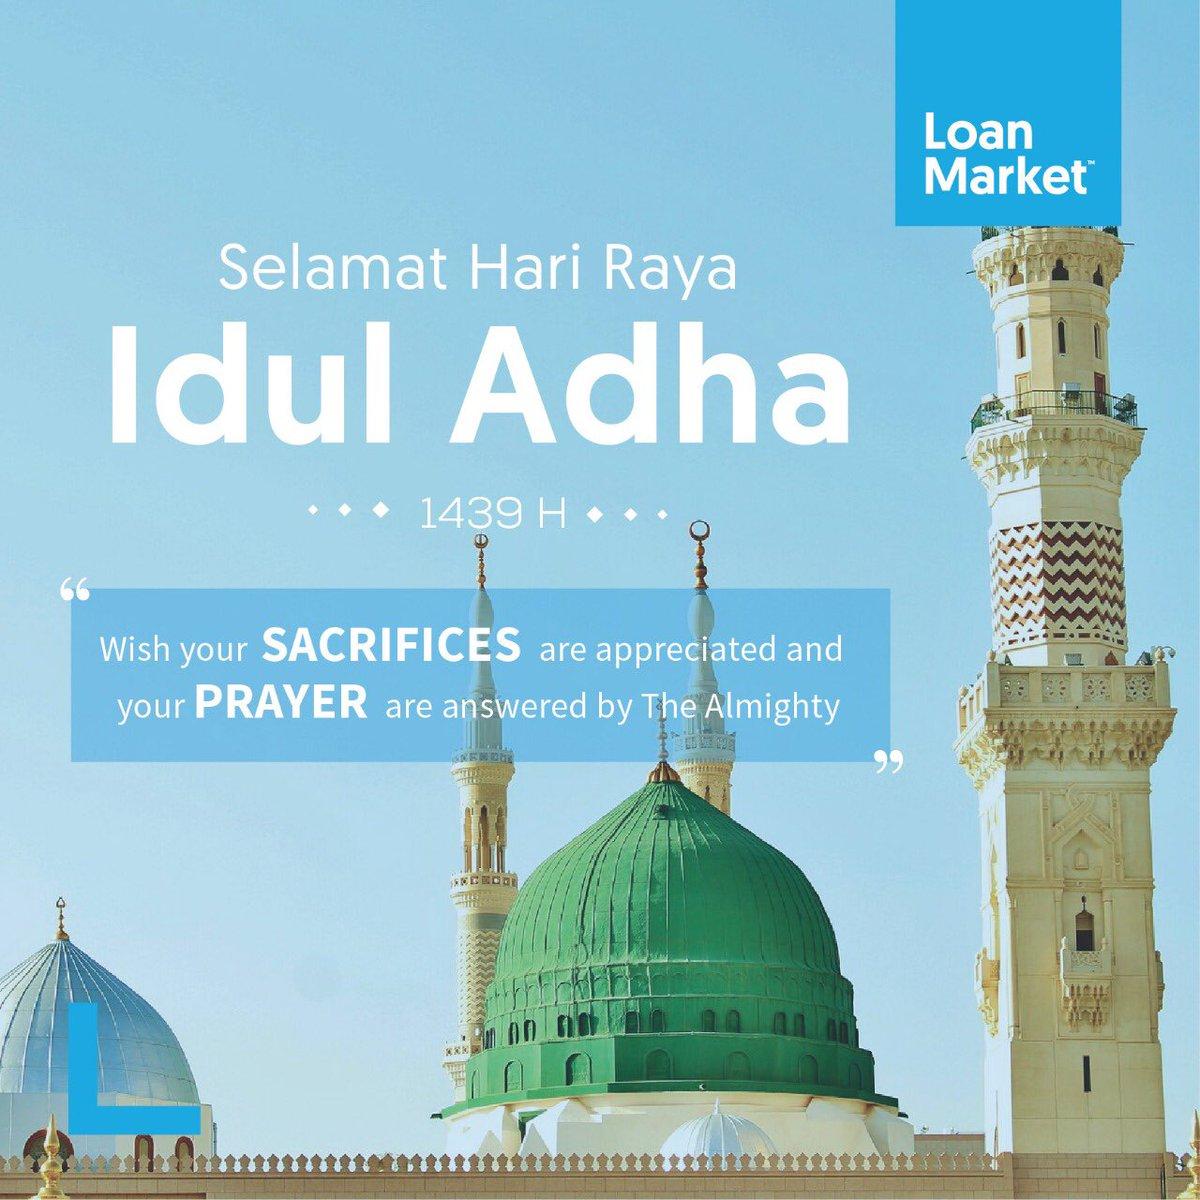 Keluarga Loan Market Indonesia mengucapkan Selamat Hari Raya Idul Adha 1439 H. . Semoga di hari ini kita dapat belajar untuk ikhlas dalam berkurban dan berbagi kebahagian kepada sesama. . #loanmarketindonesia #loanmarket #loanadvisers #iduladha #1439H #august2018 #eidadhapic.twitter.com/8KYa5Gw4pD